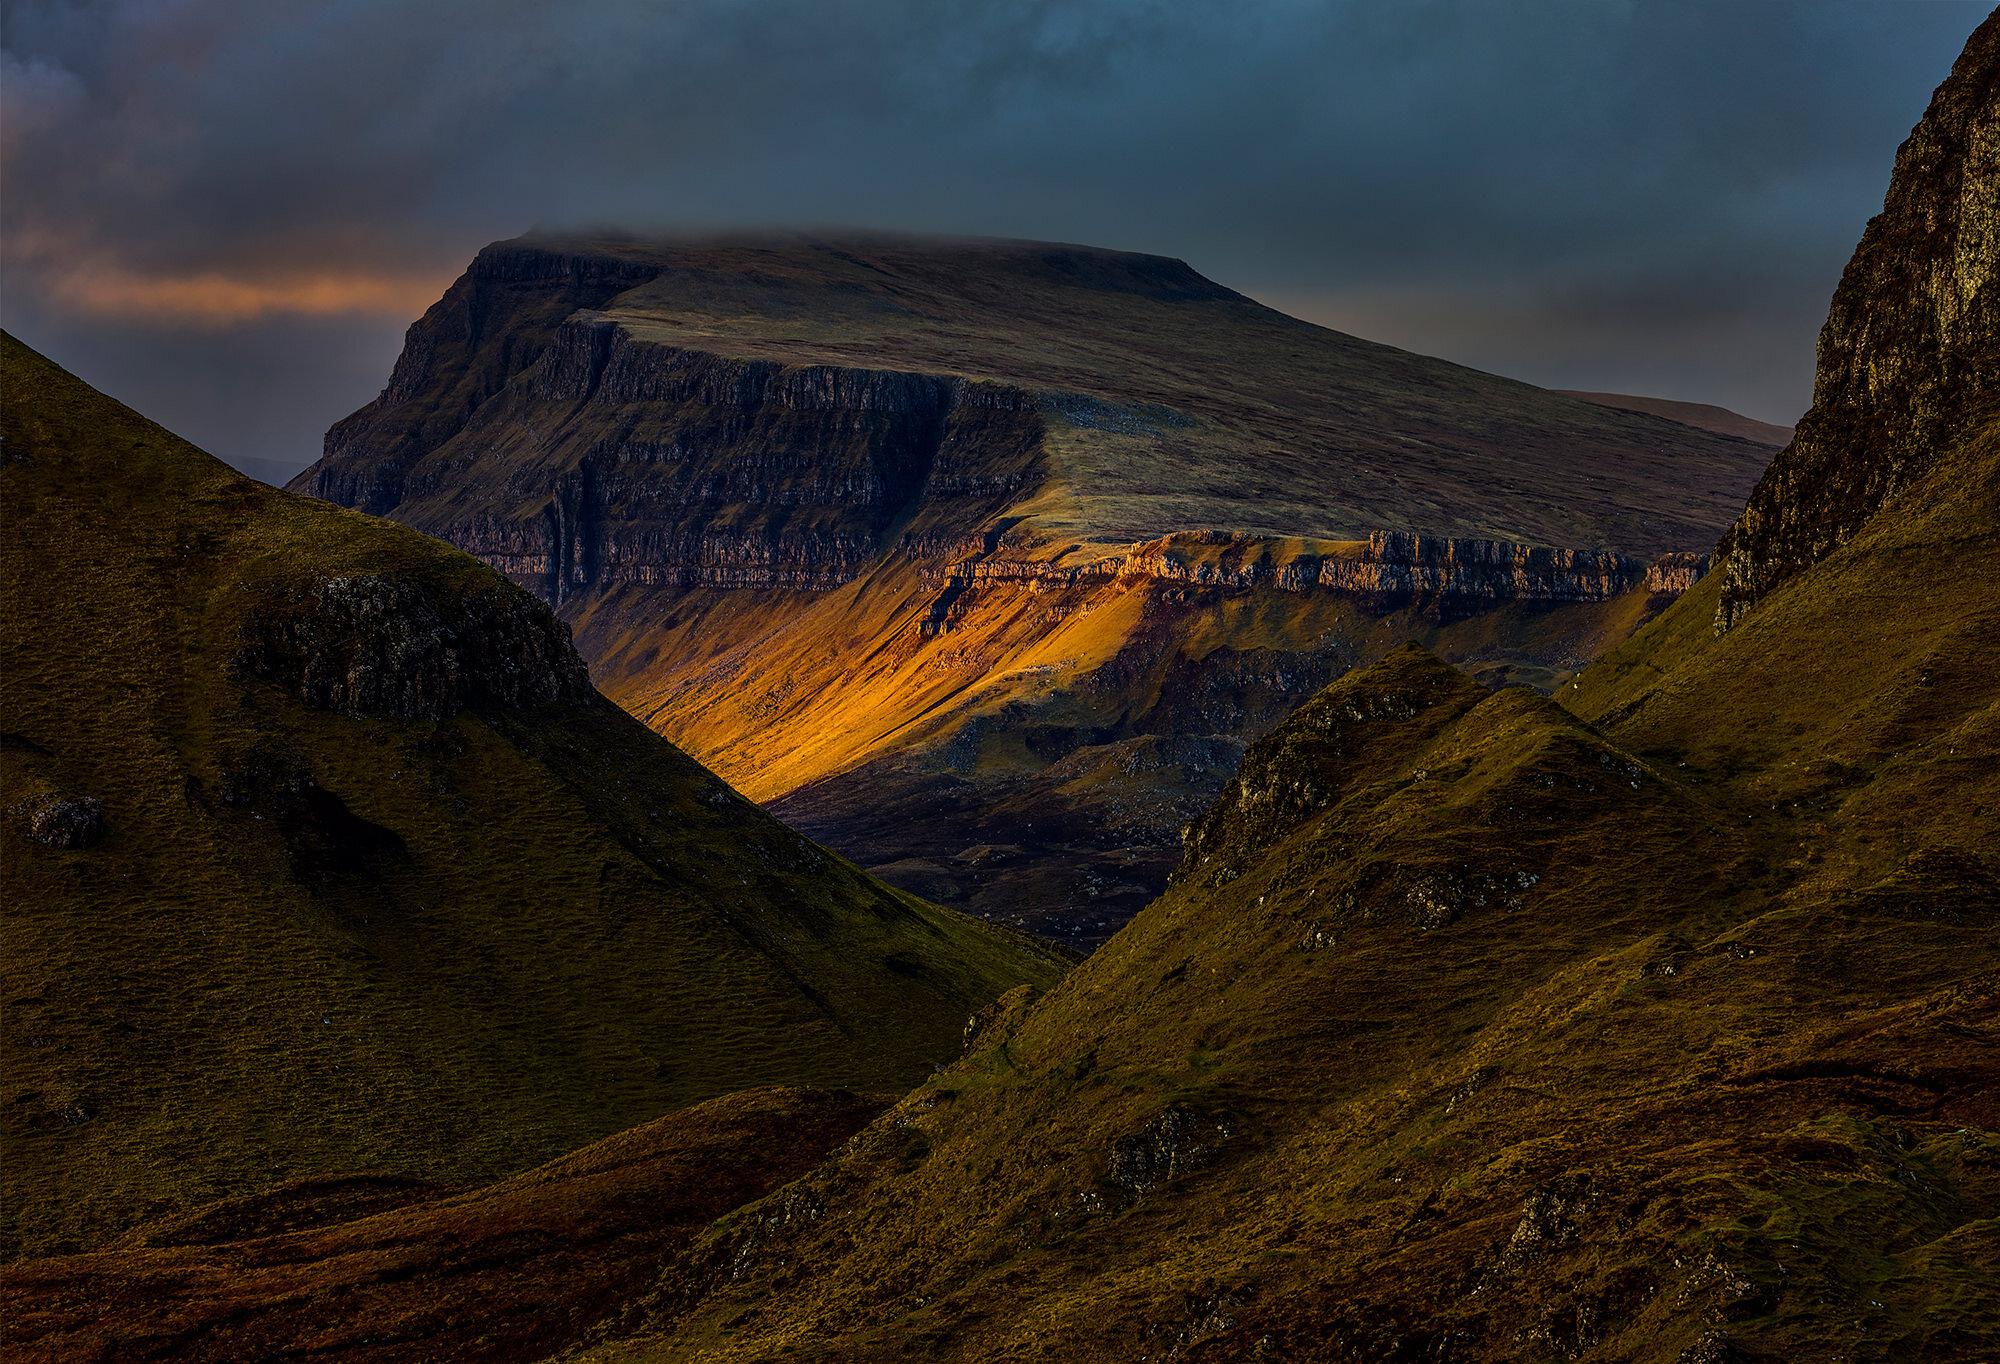 Fleeting Light, Quiraing, Skye